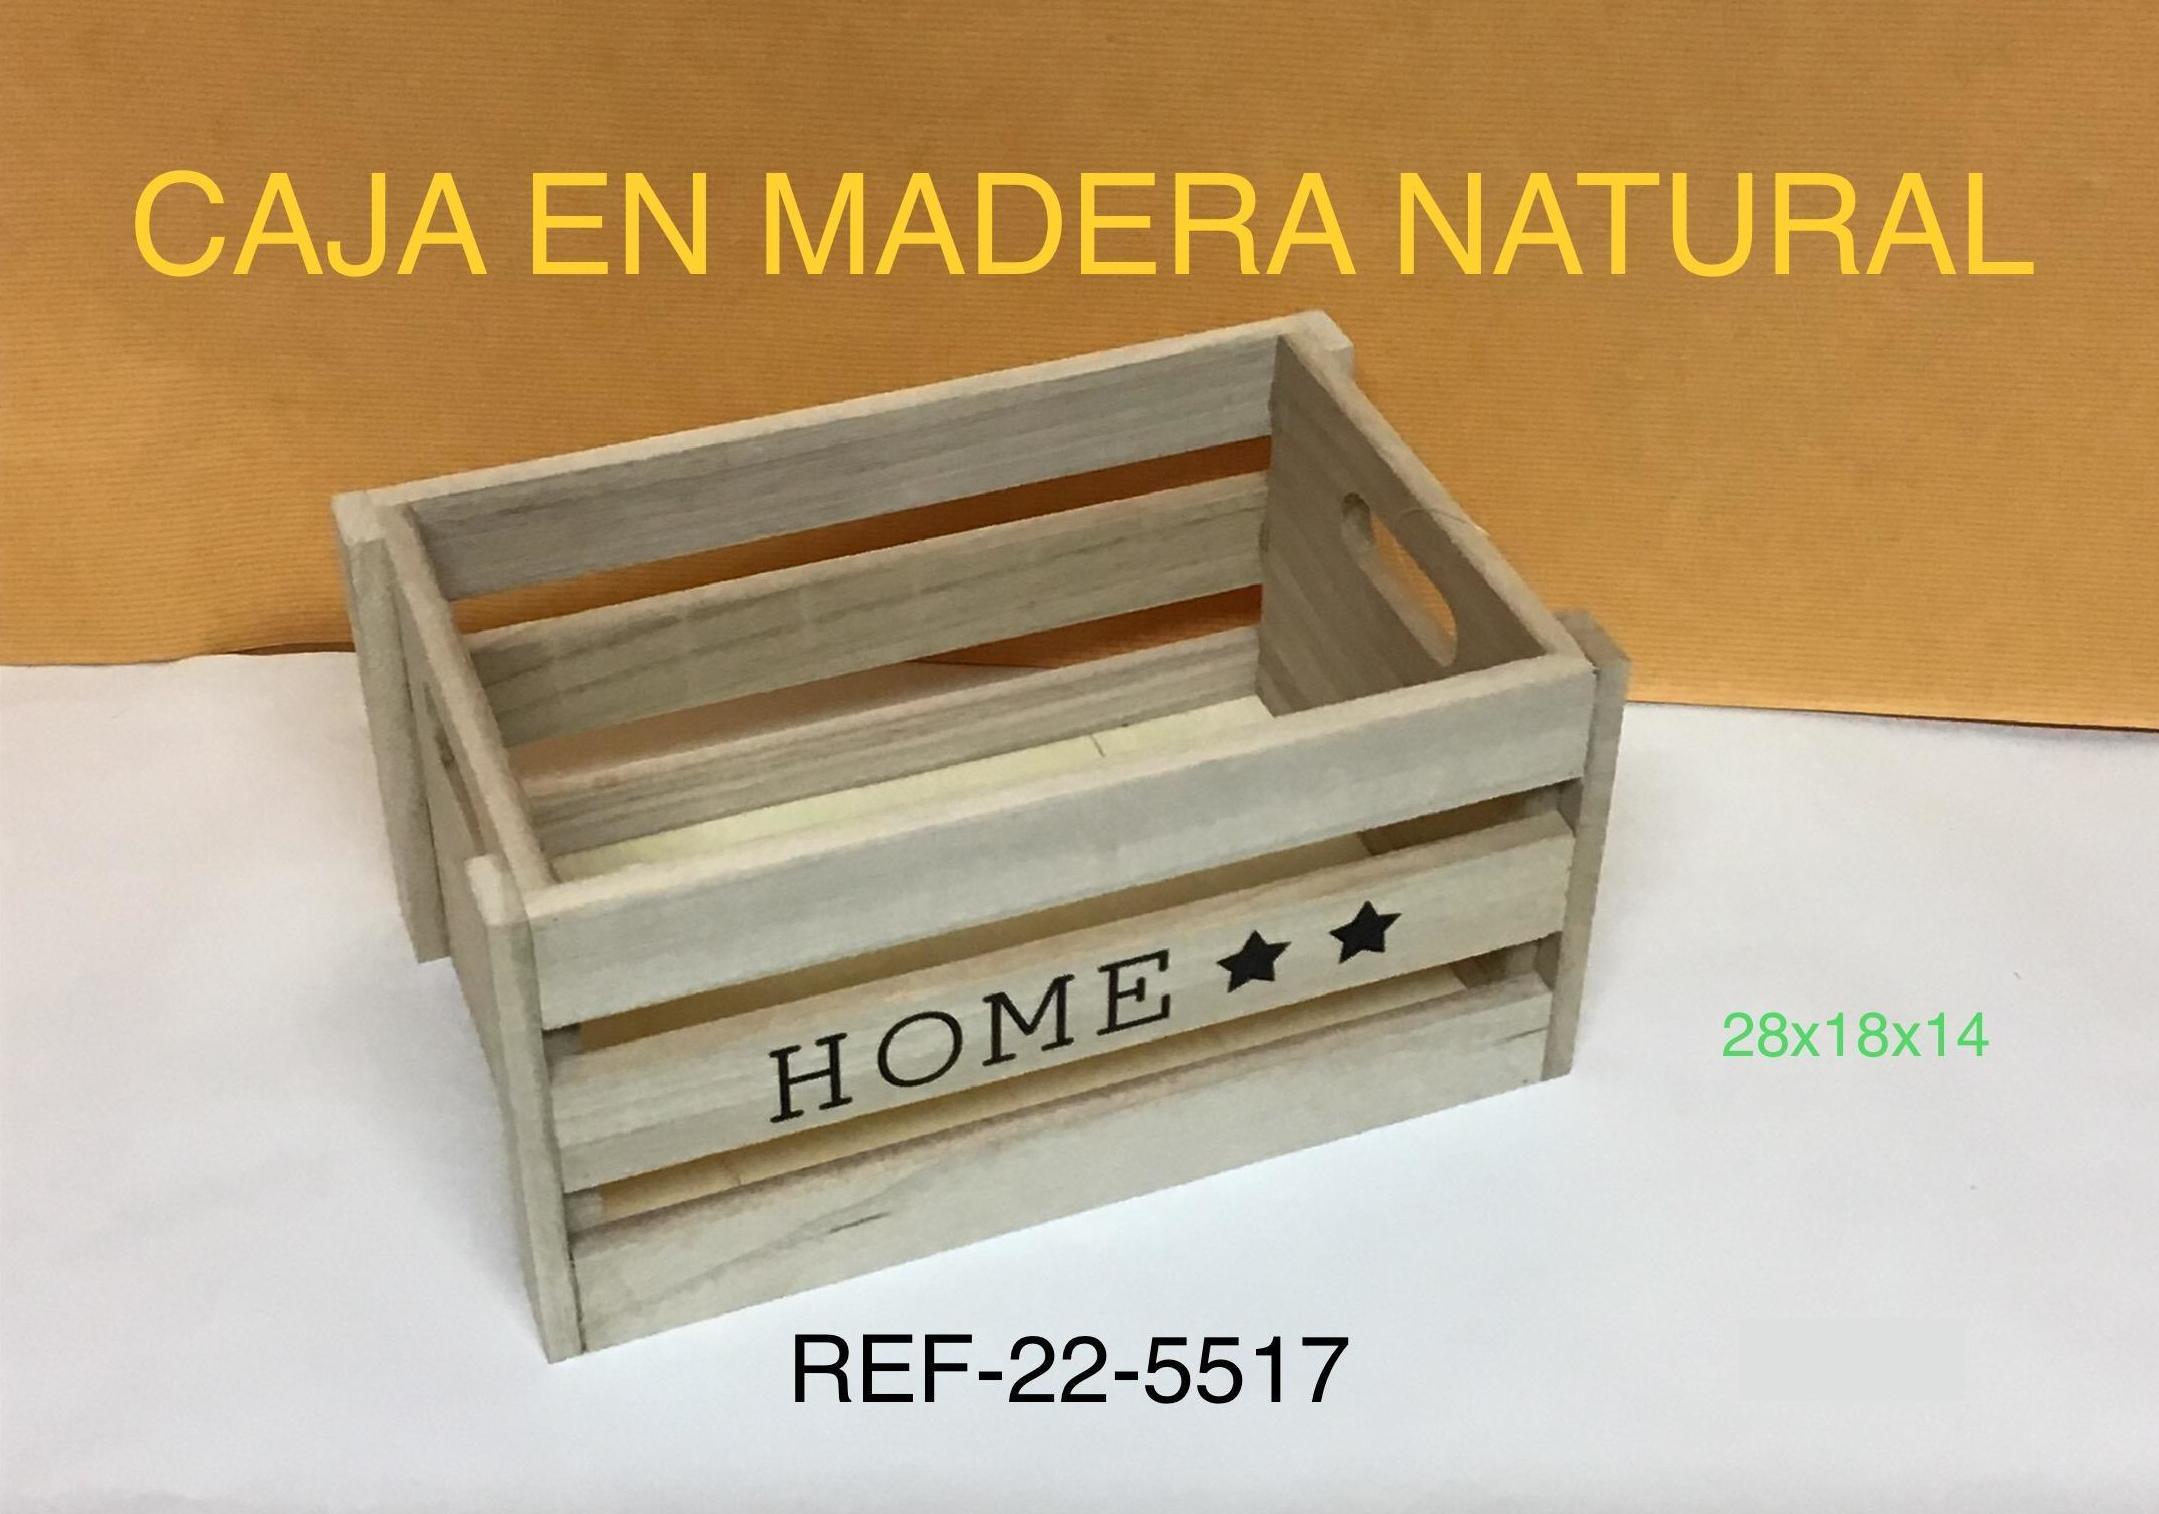 CAJA MADERA NATURAL HOME